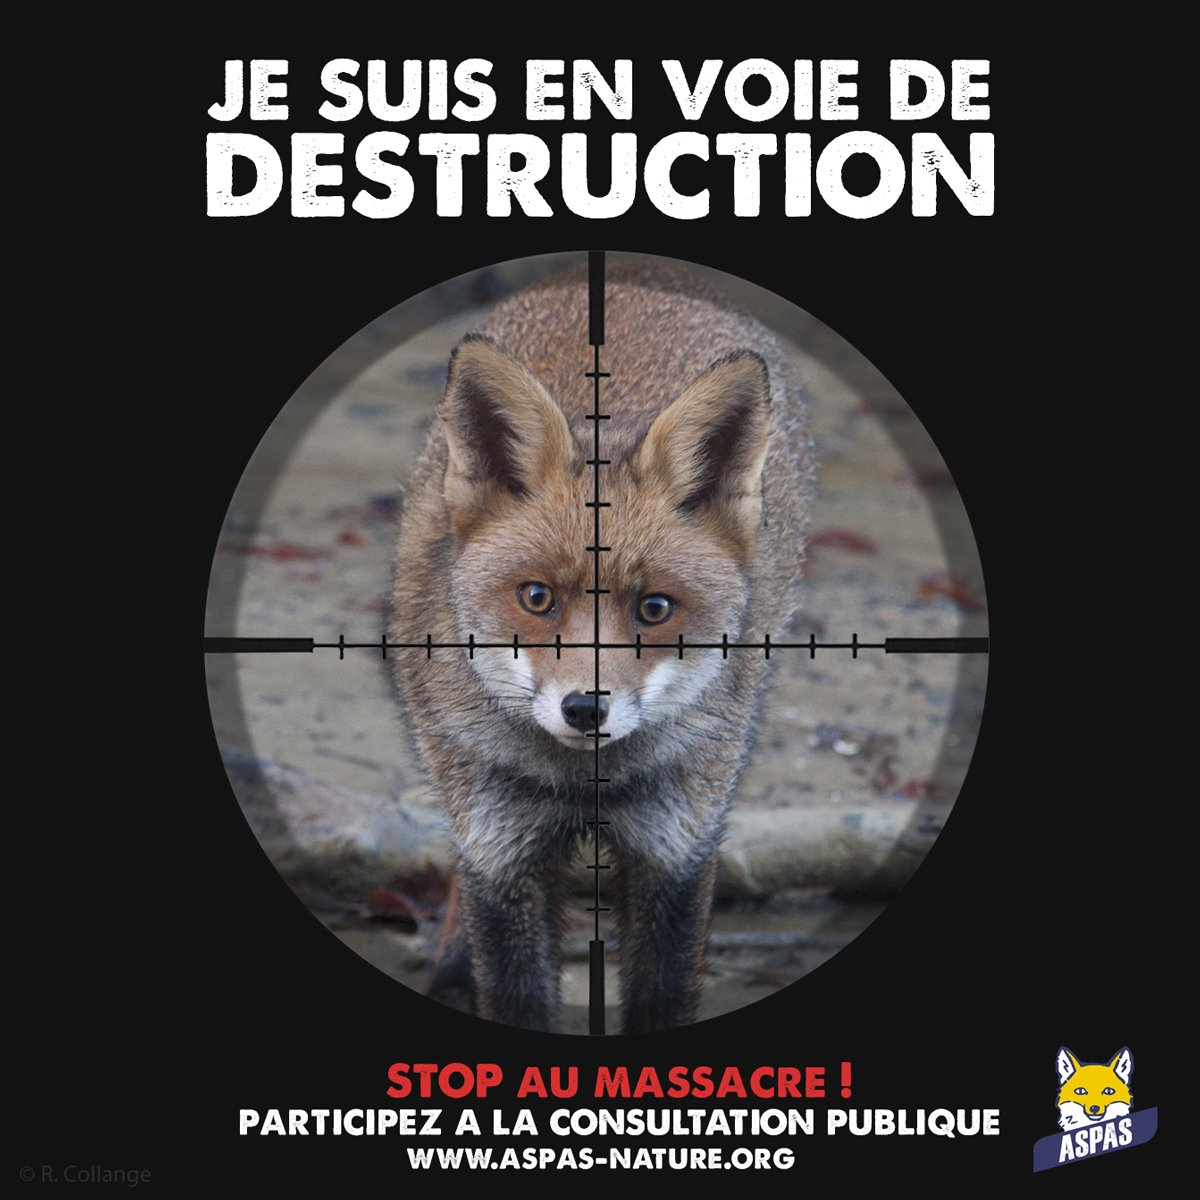 ⚠️PARTICIPEZ AVANT LE 27 JUIN ! 👉bit.ly/2IoPEqW Le #renard figure sur la nouvelle Liste de la Mort en projet de @Min_Ecologie. Et ce malgré toutes les études qui démontrent le rôle écologique et sanitaire du petit canidé sauvage, meilleur allié des agriculteurs...